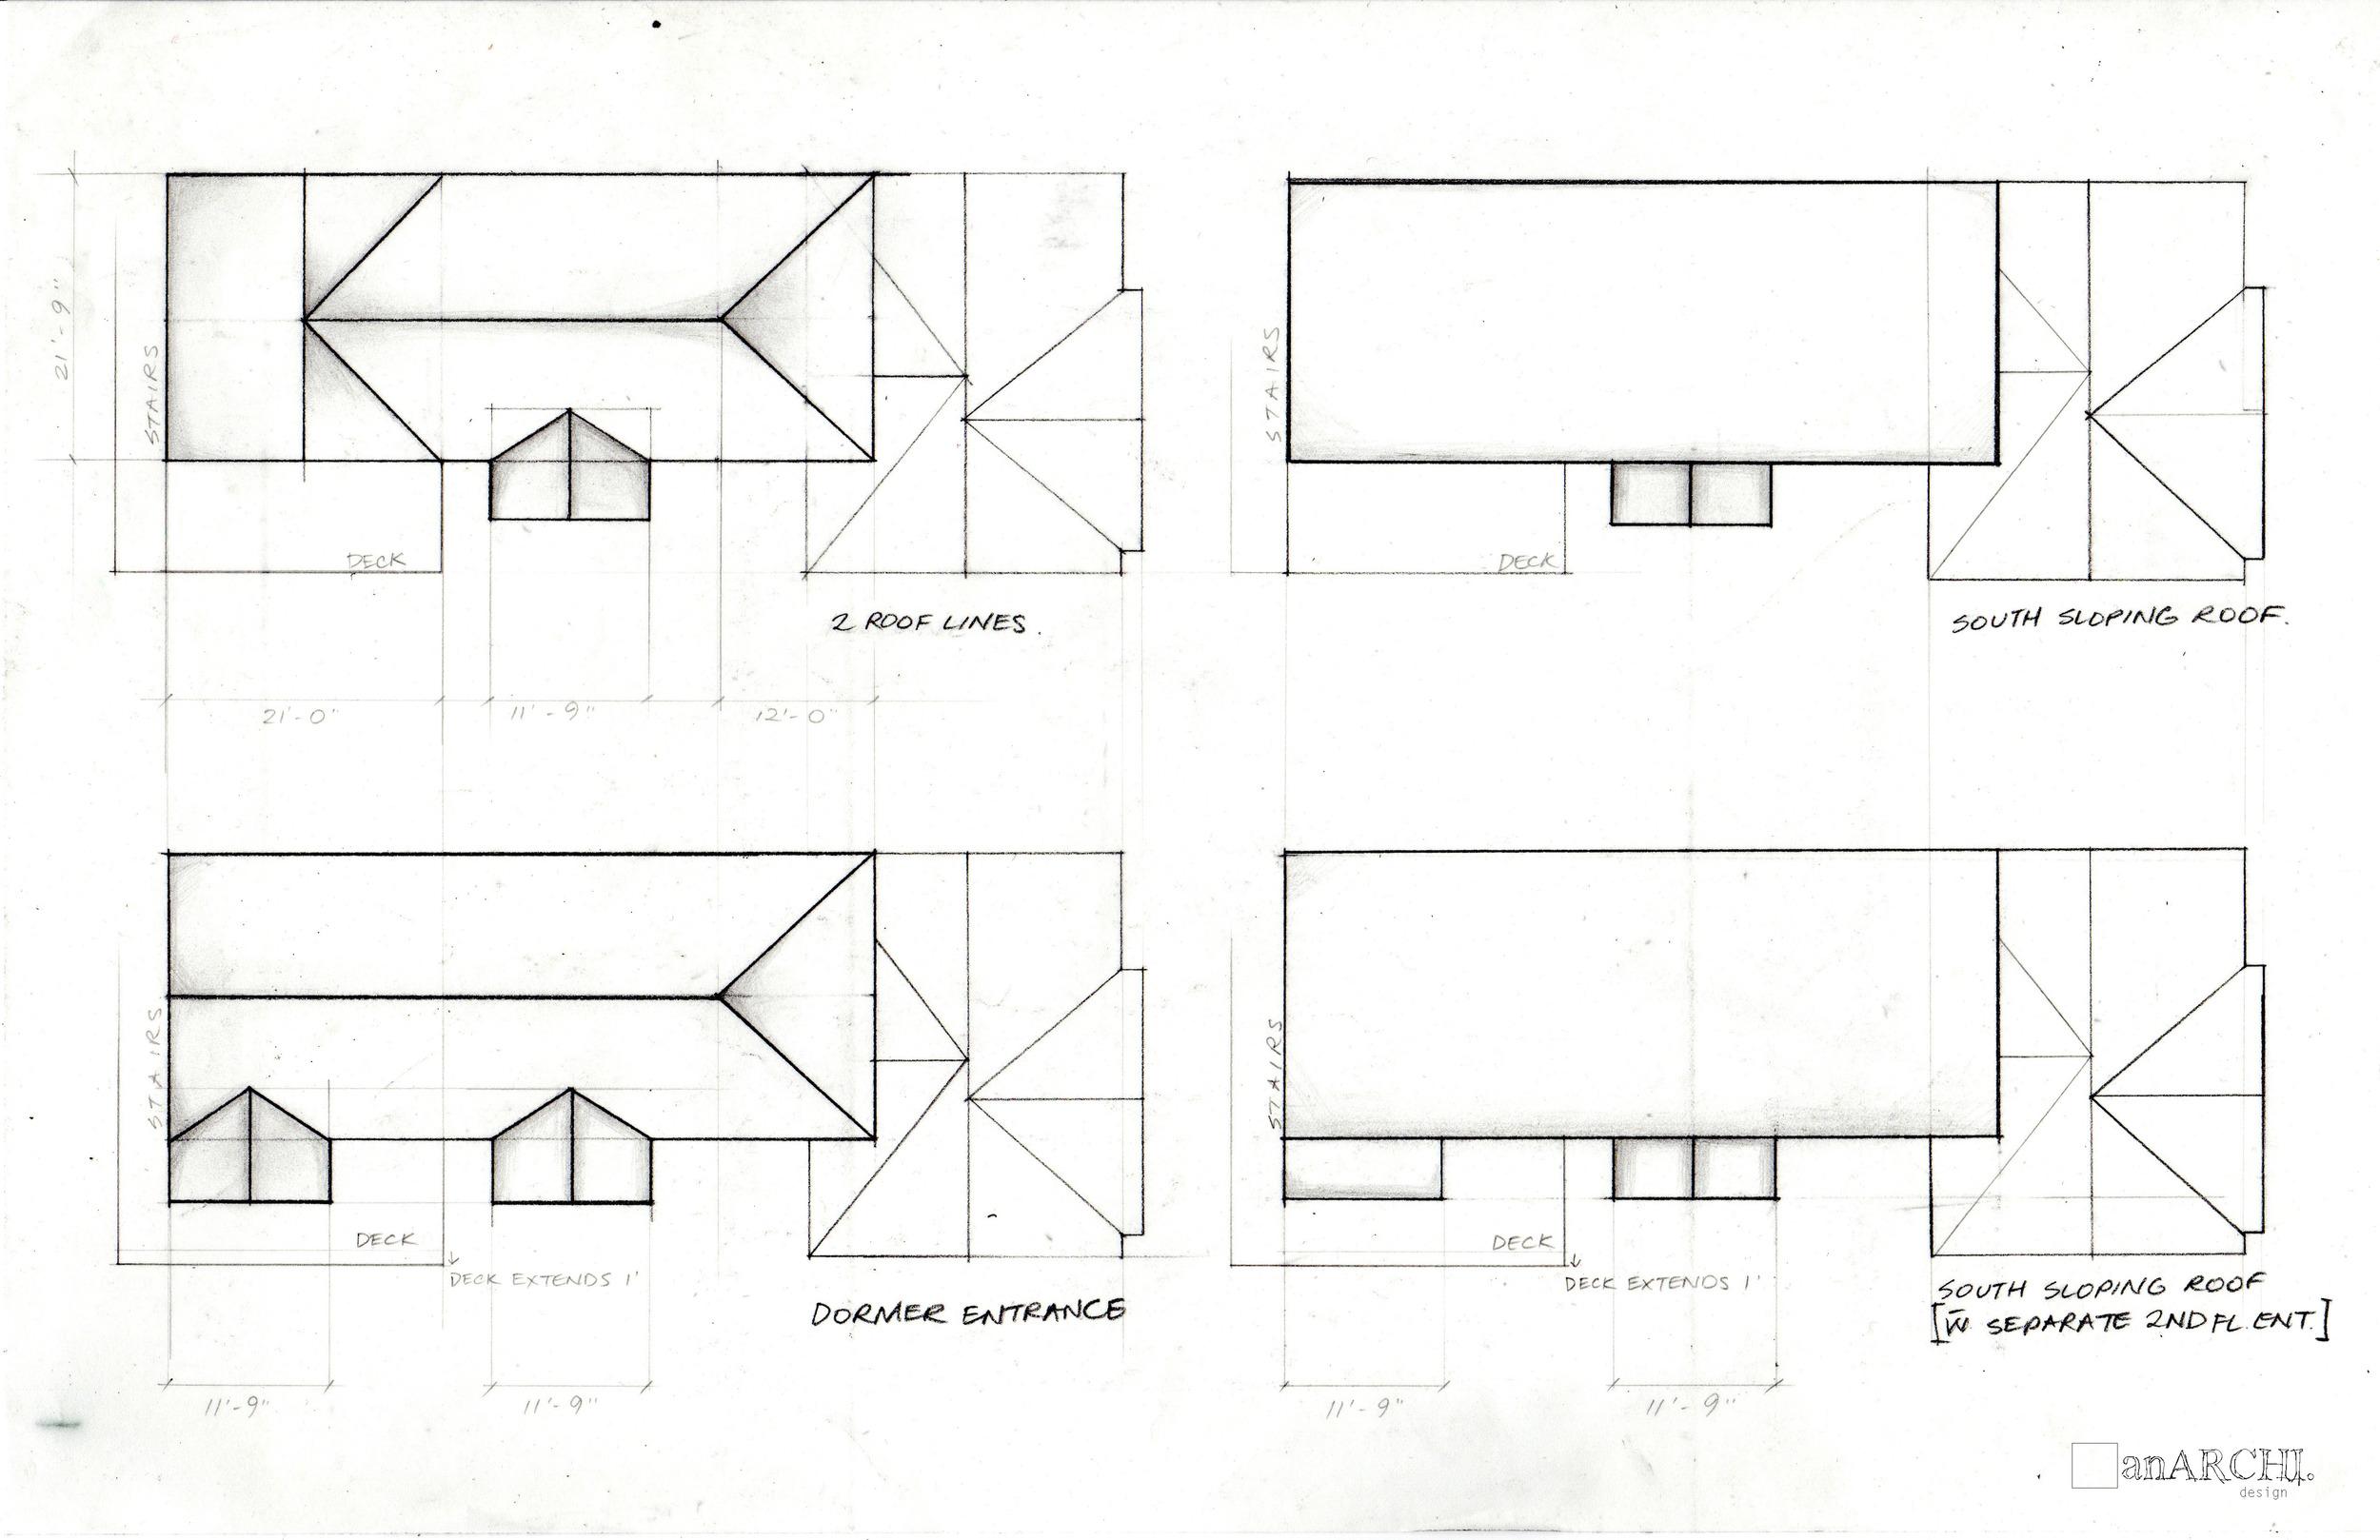 4 roofline design schemes